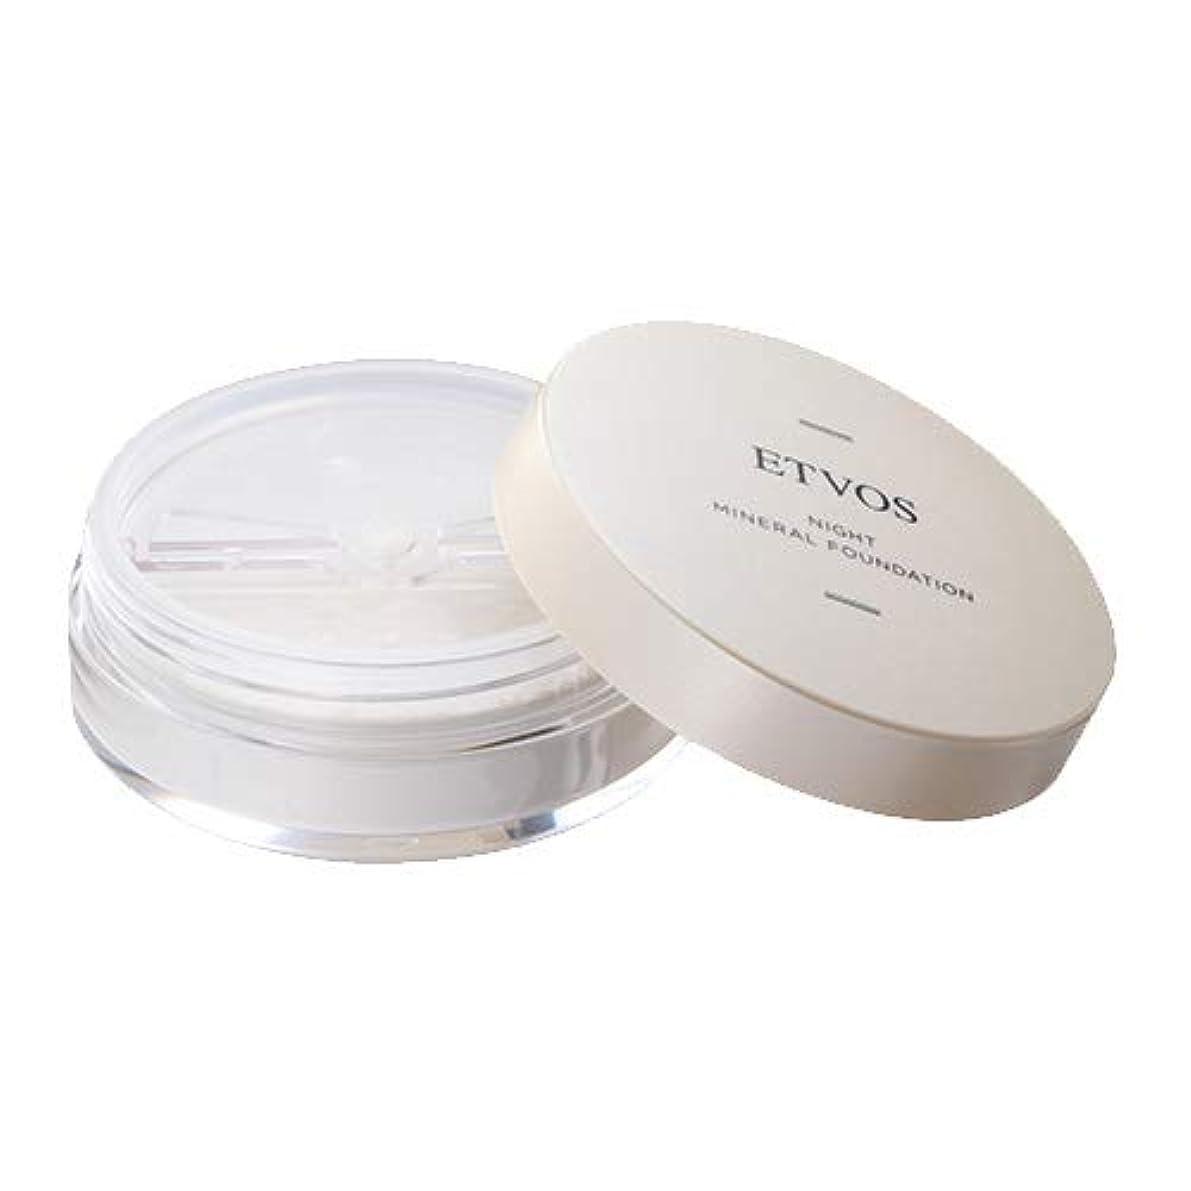 広告部折ETVOS(エトヴォス) 夜用化粧下地 ナイトミネラルファンデーション 5g フェイスパウダー 皮脂吸着/崩れ防止